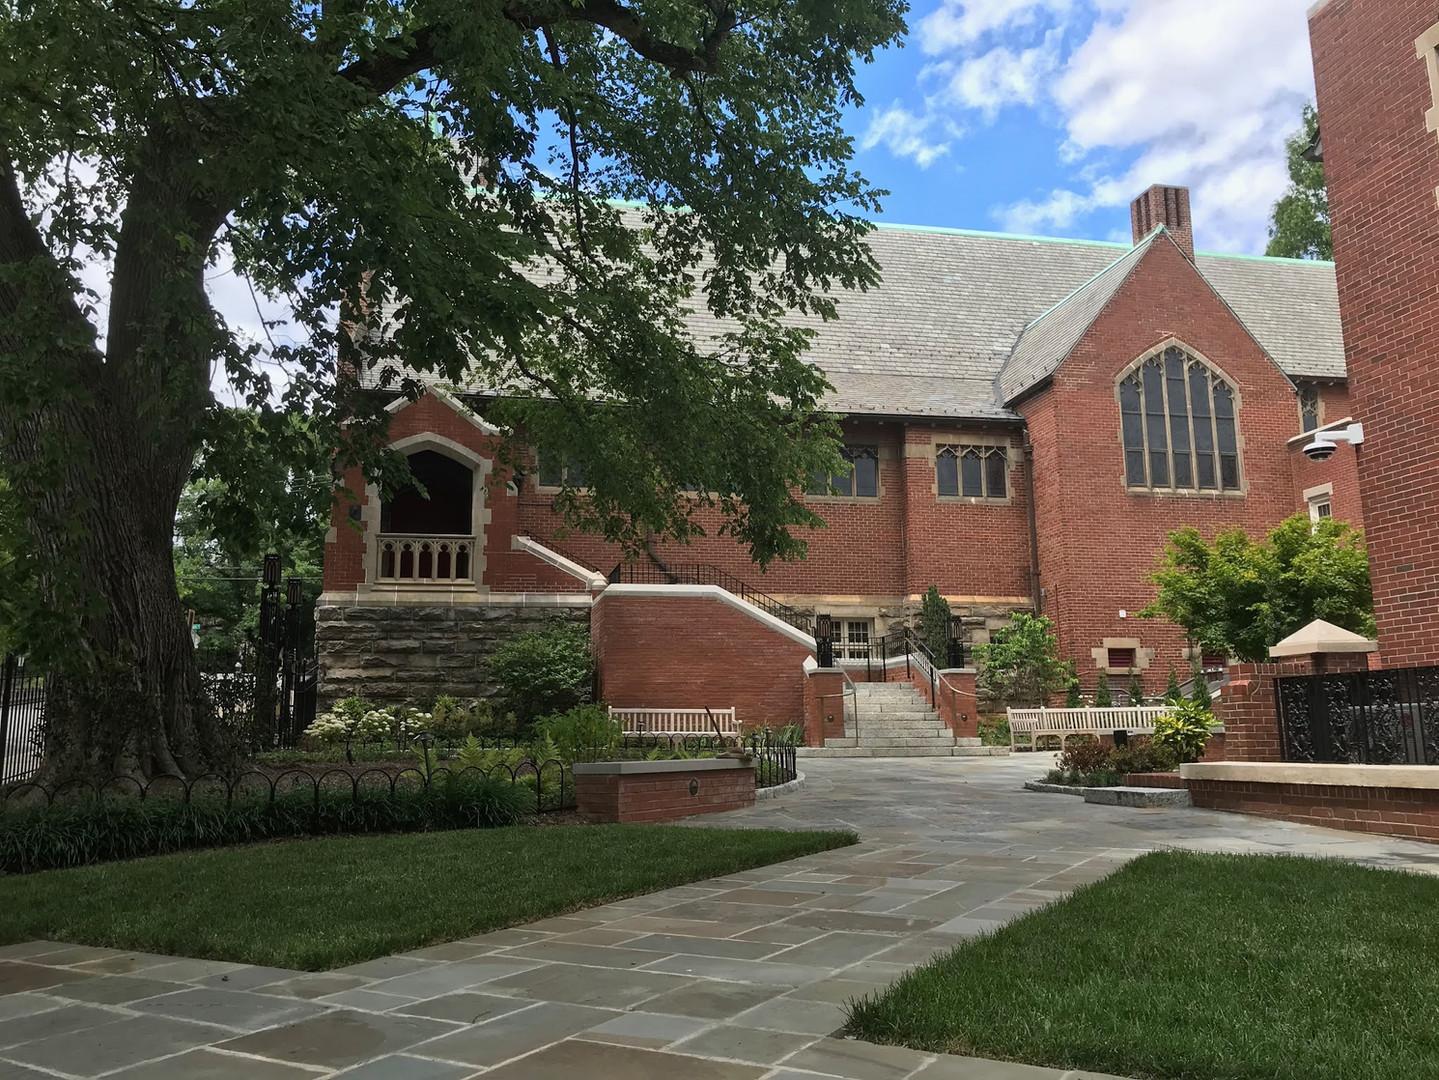 Davids-courtyard-church-photo.jpg